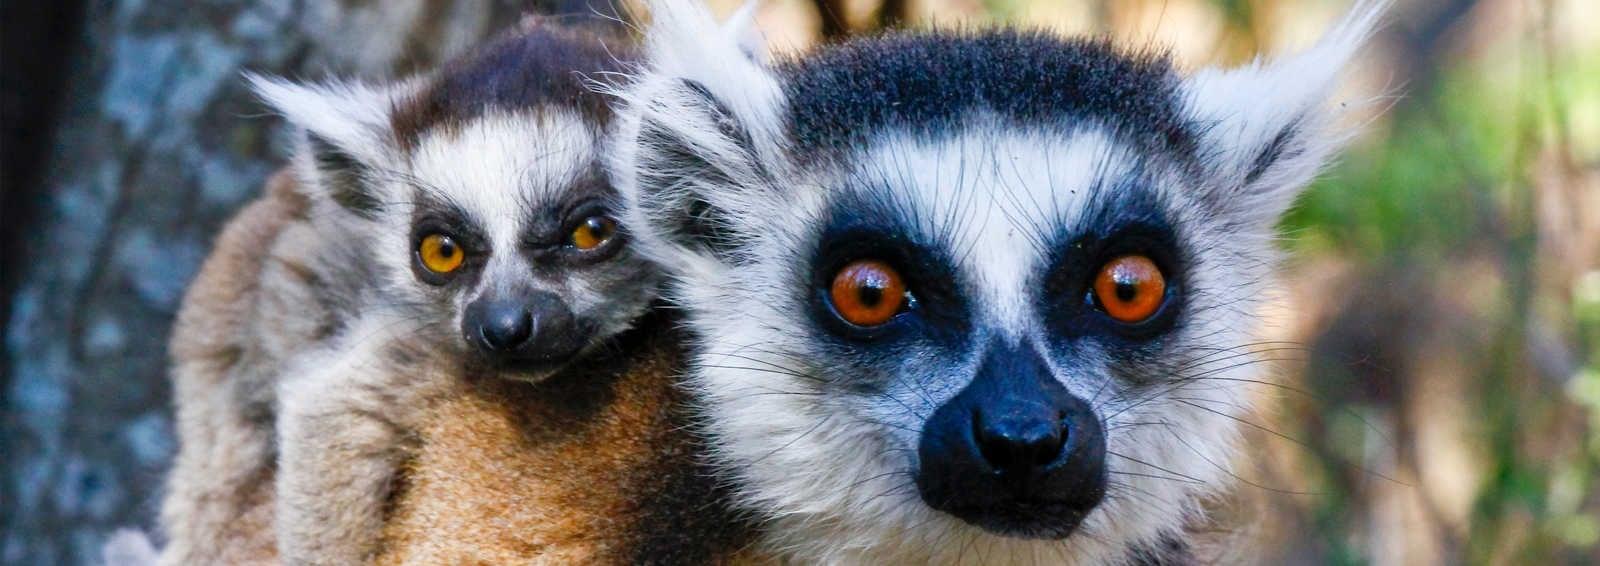 Ring-tailed lemur (lemur catta) and cute cup, Madagascar